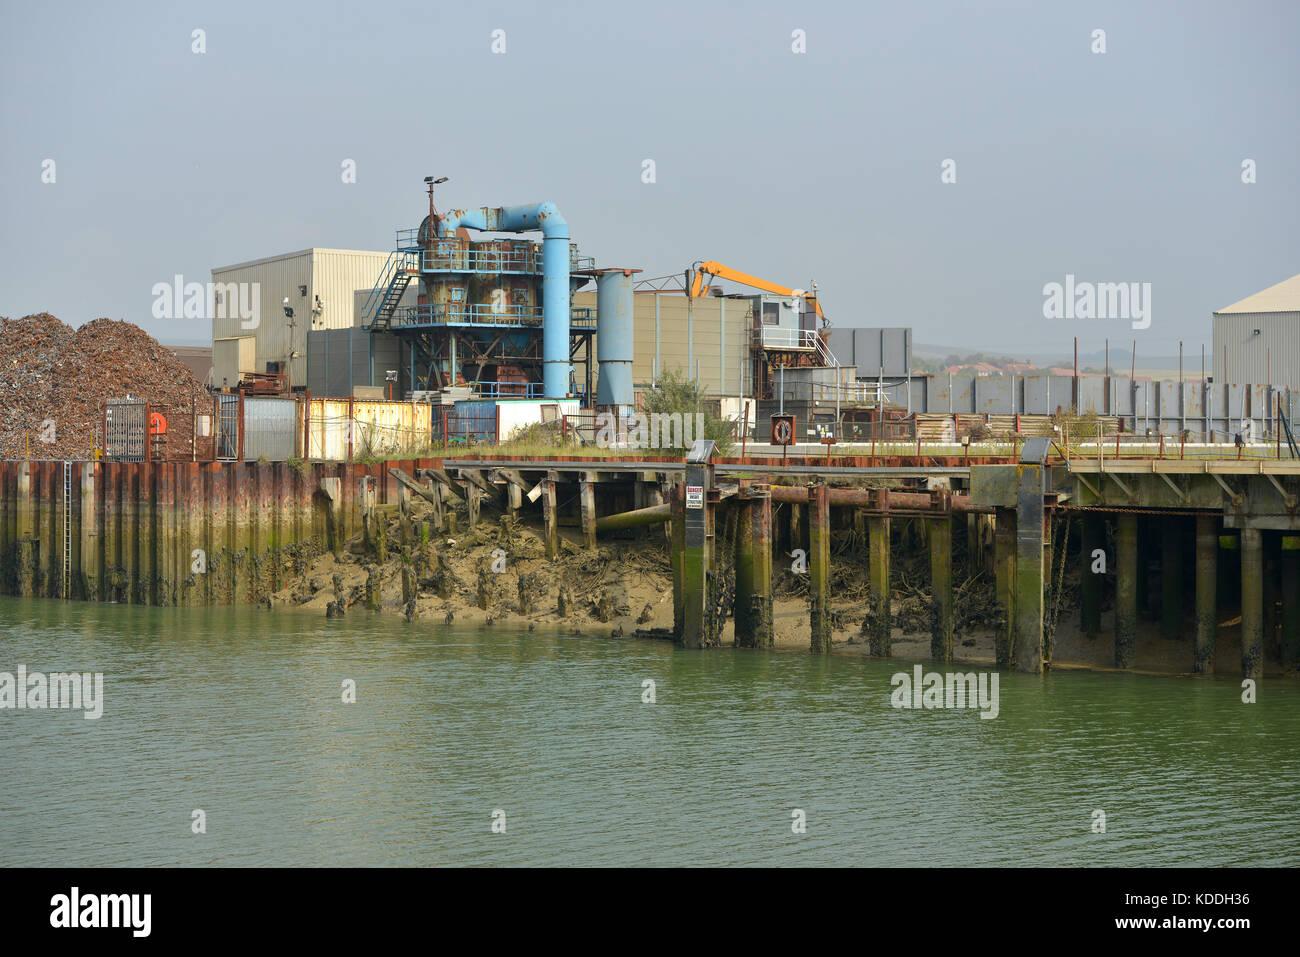 Edificios industriales en un dock/muelle. Newhaven, East Sussex, Reino Unido Foto de stock